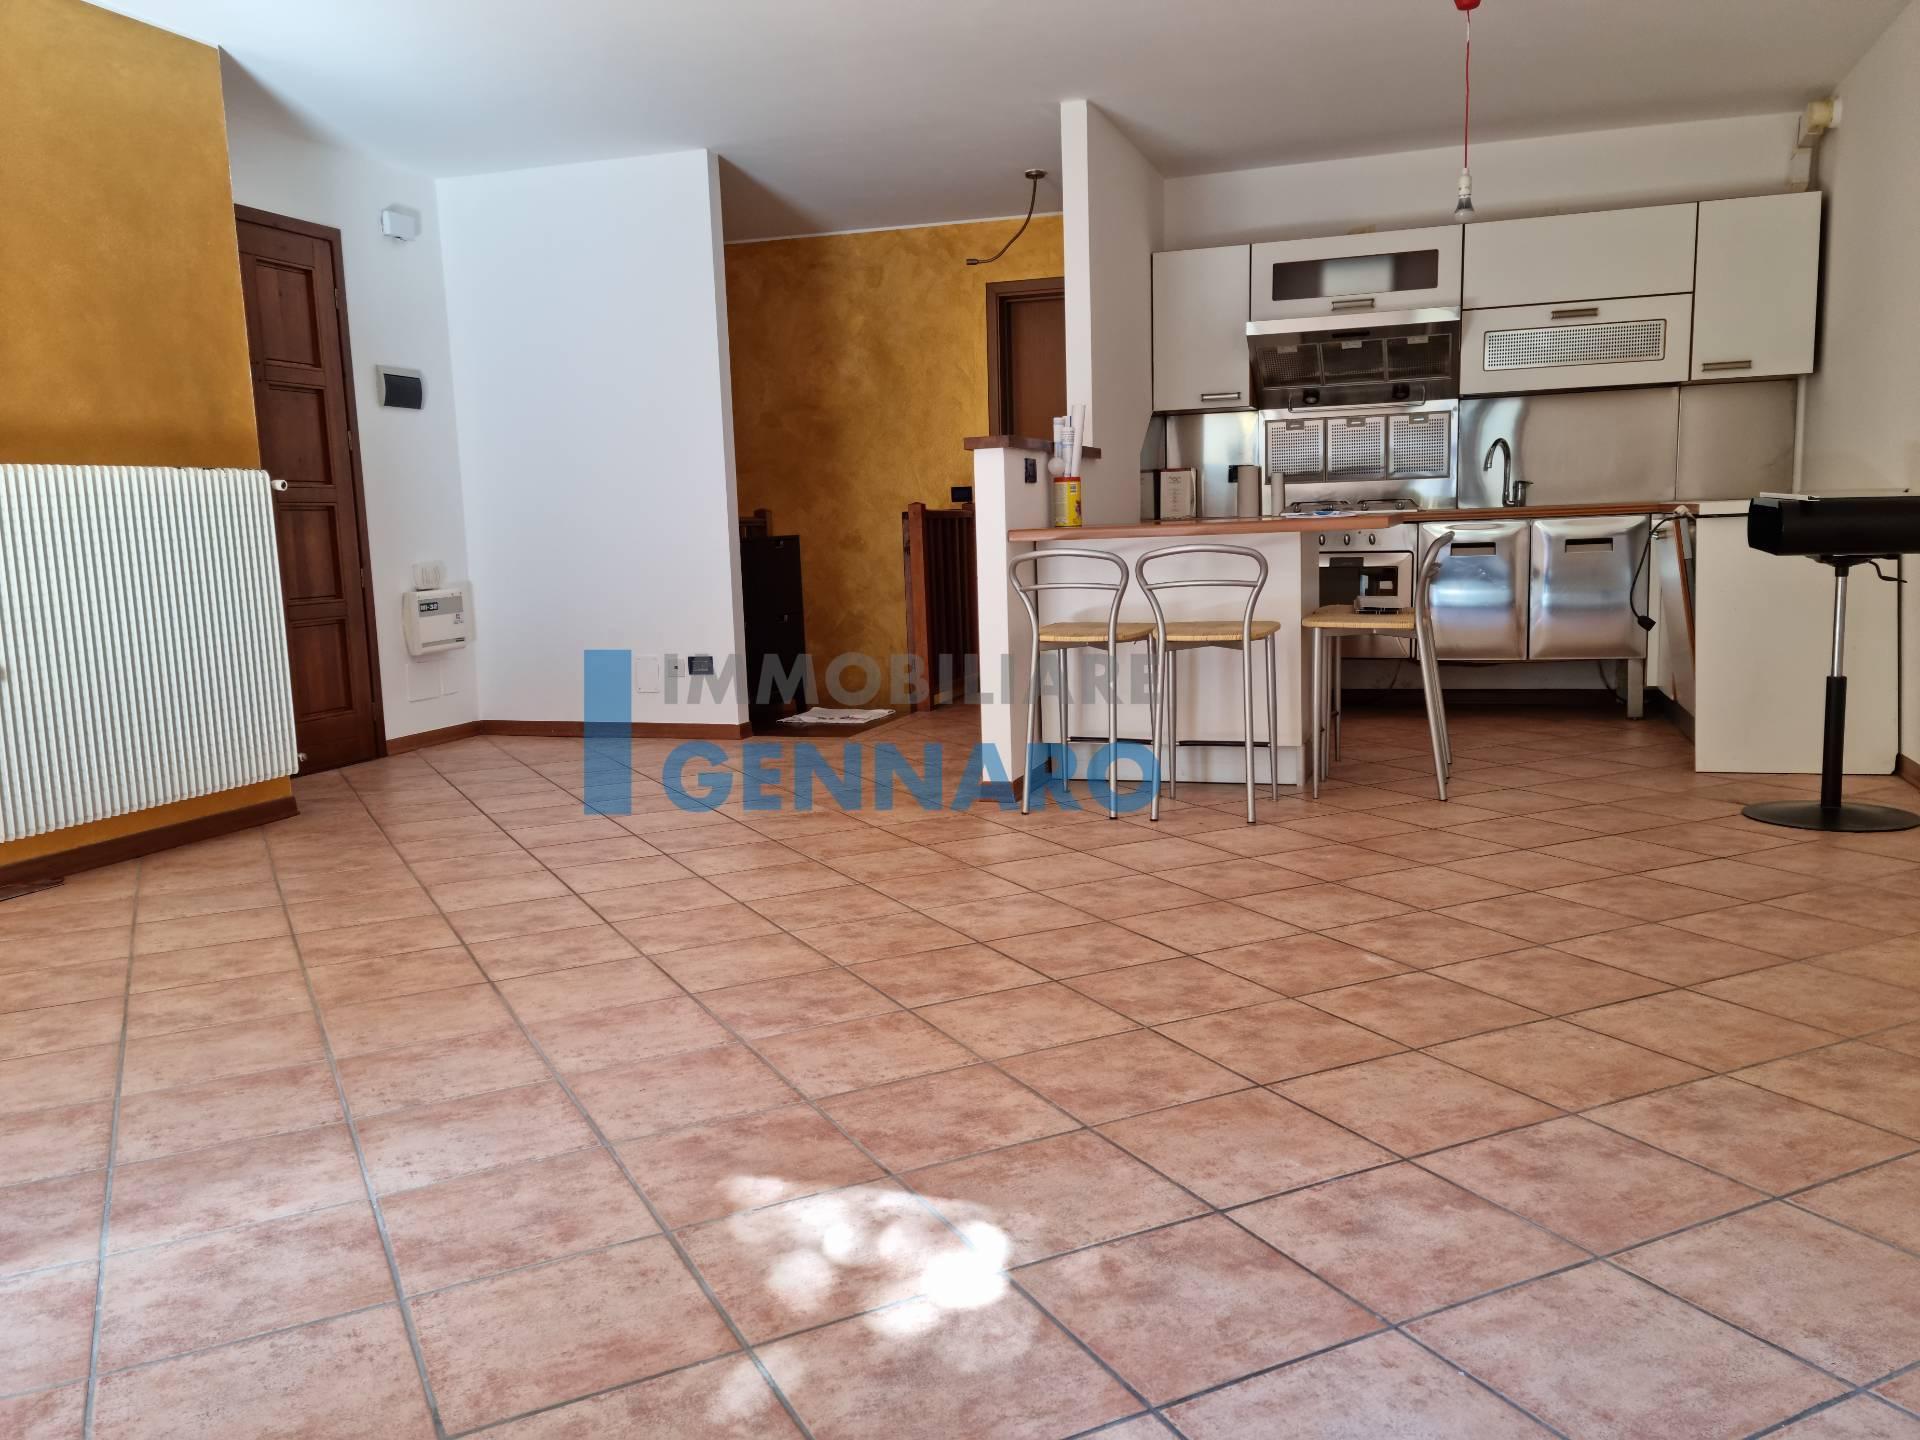 Appartamento in vendita a Tavagnacco, 3 locali, zona co, prezzo € 147.000 | PortaleAgenzieImmobiliari.it